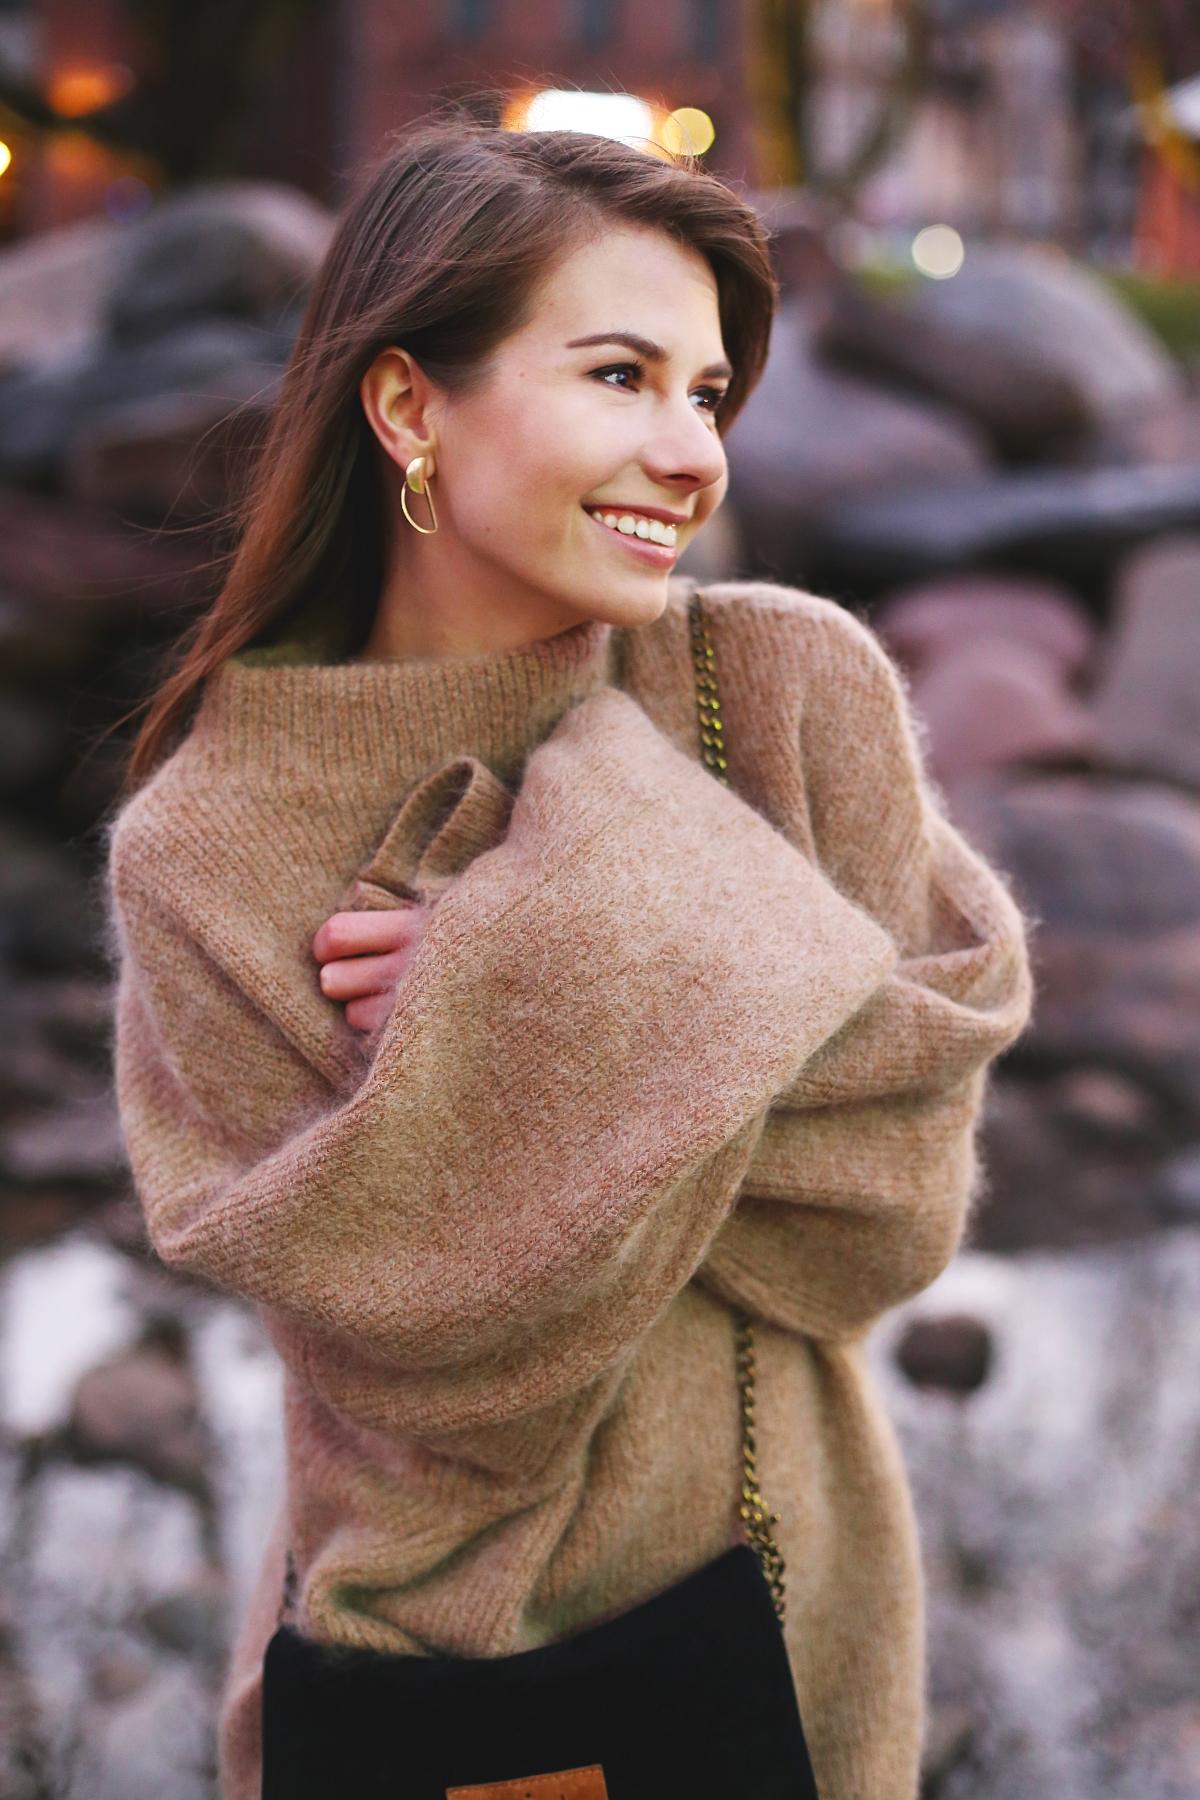 Wełniany sweter z szerokimi rękawami